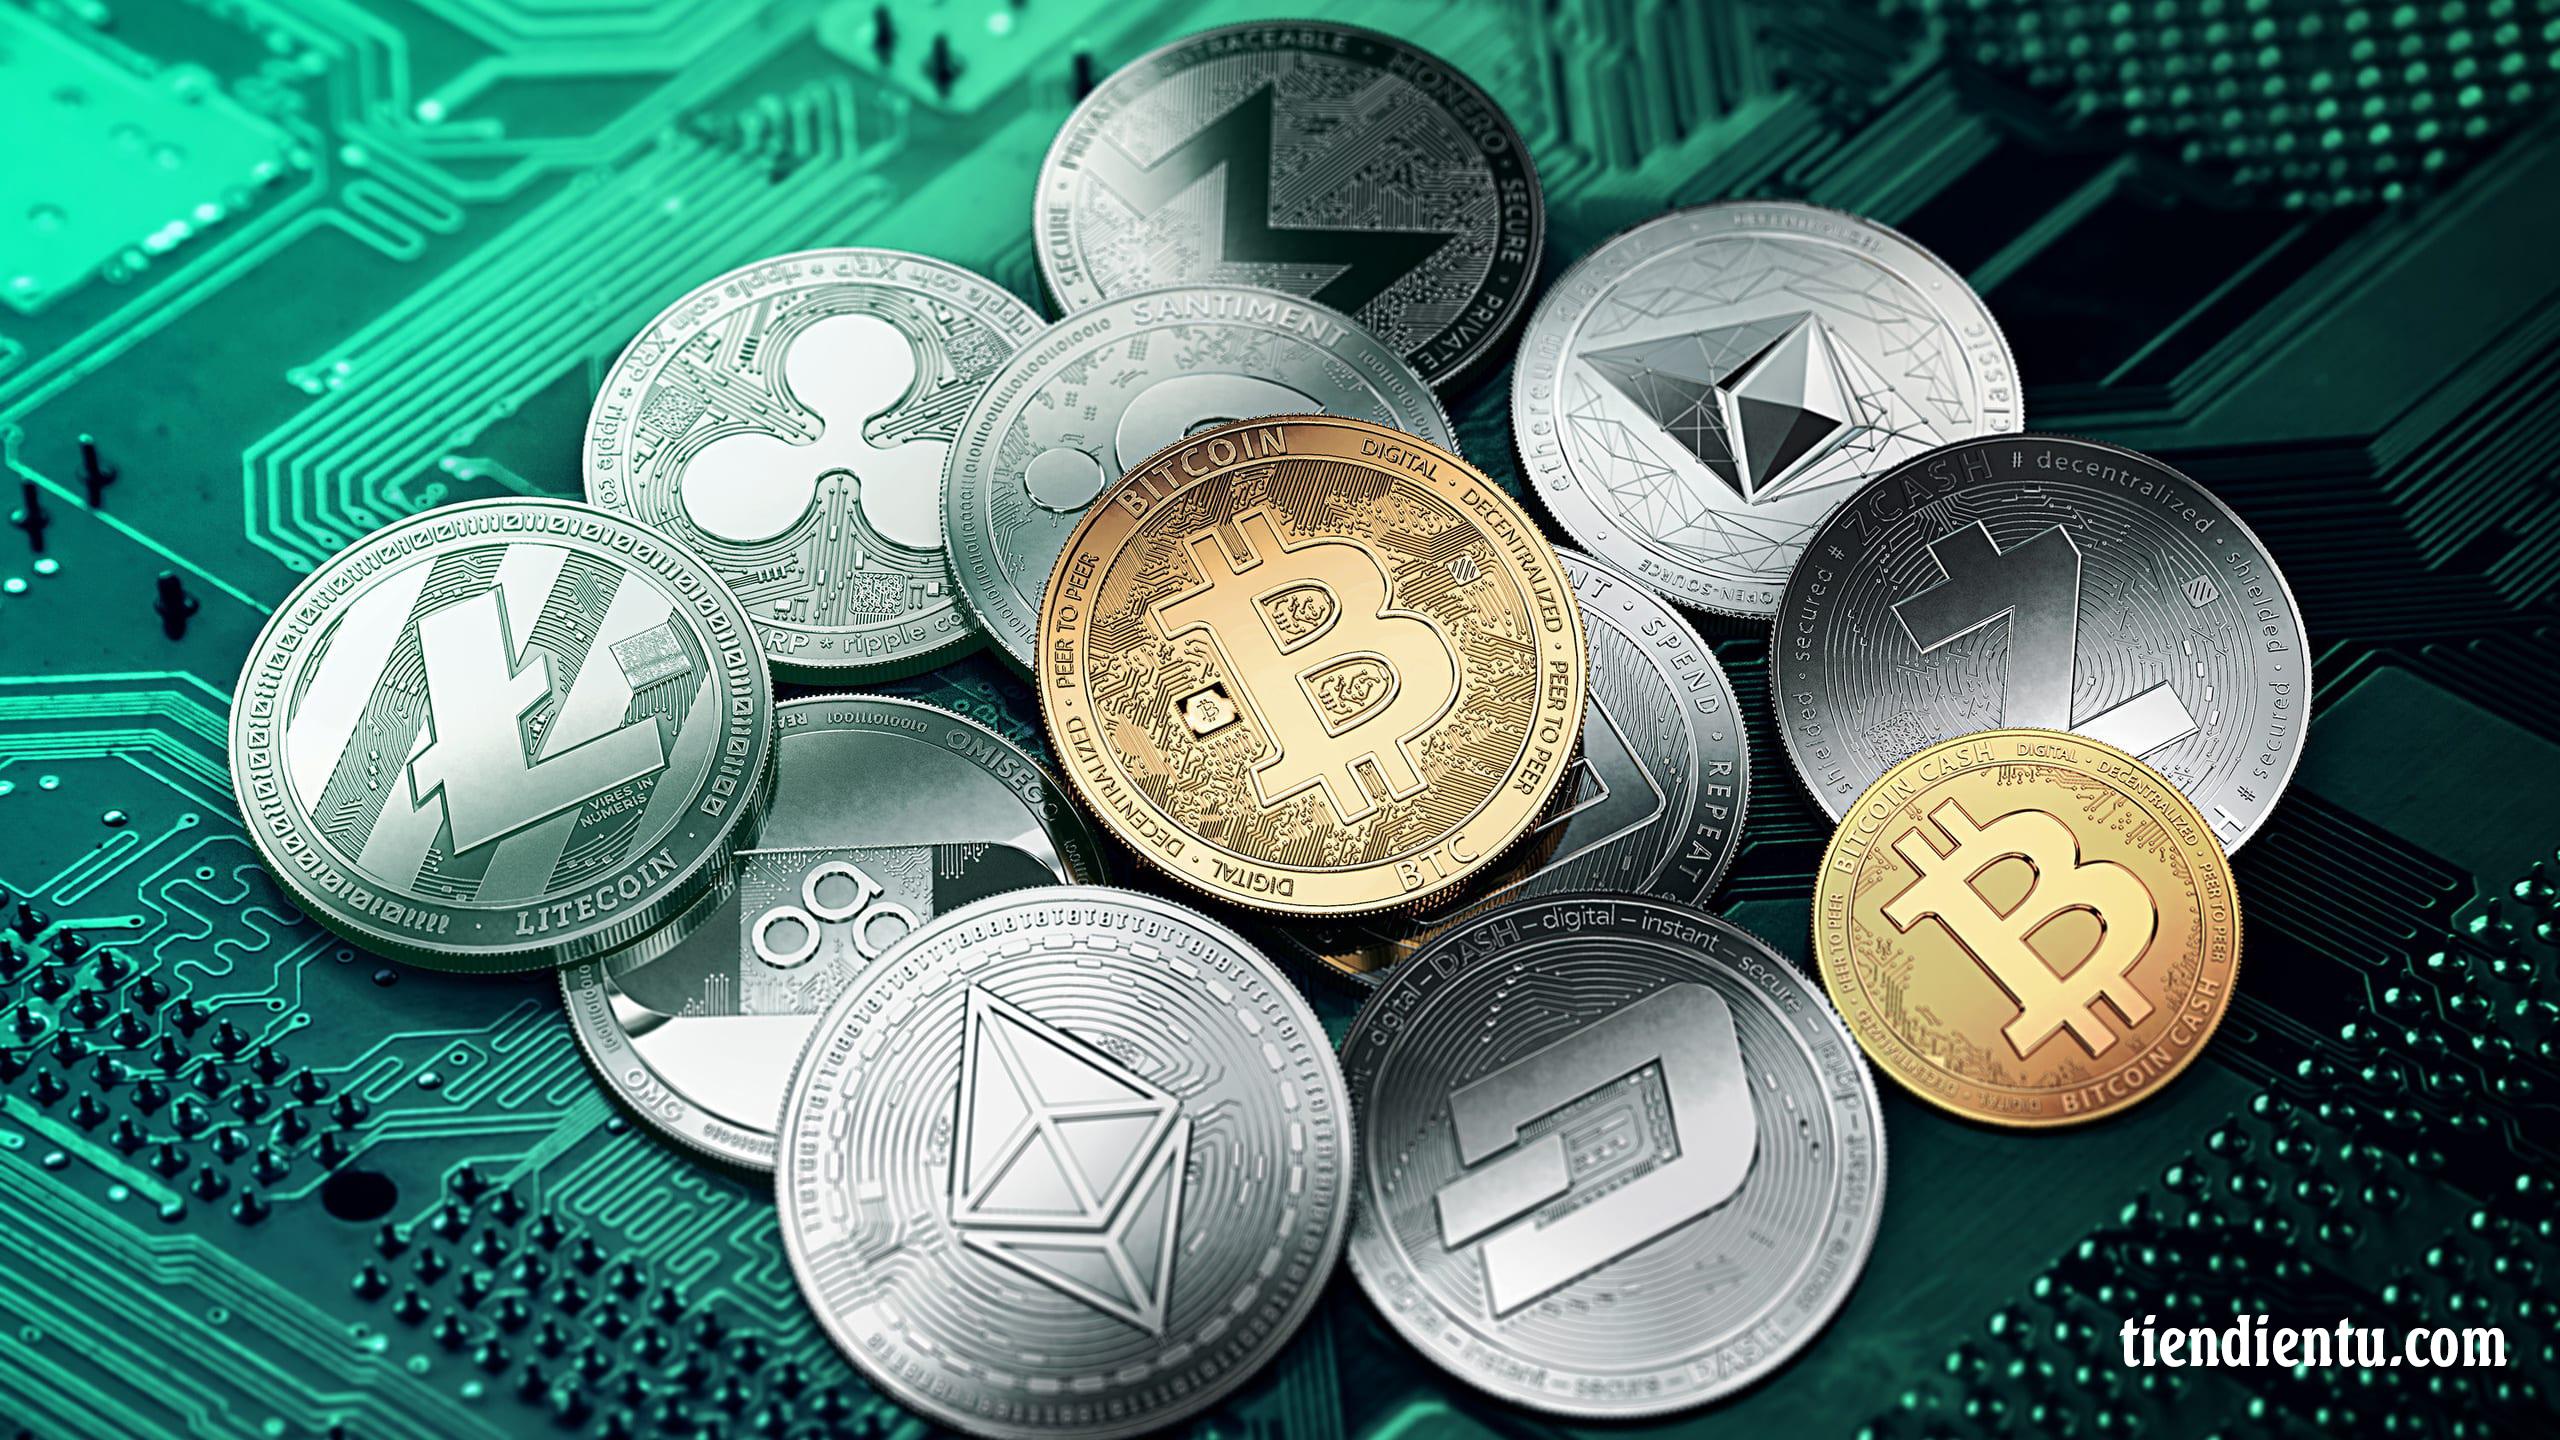 Vai trò của tiền điện tử trong thời kỳ bất ổn về chính trị và kinh tế